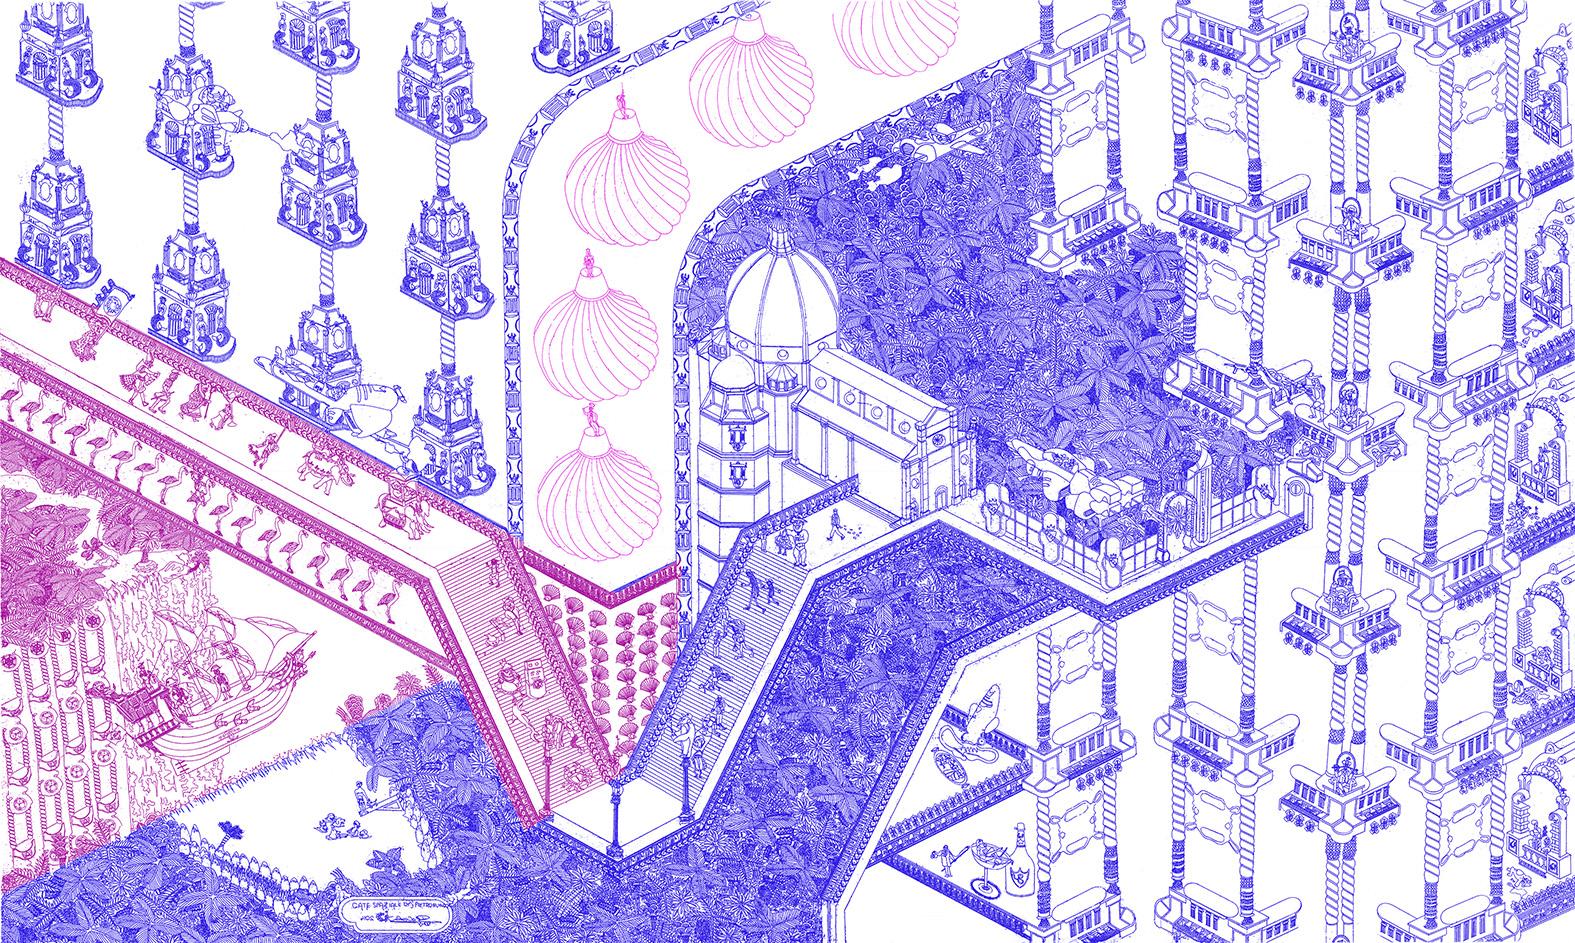 Casolari F. - GATE SPAZIALE DI S.PIETROBURGO (inchiostro blu, viola, rosa fluo).jpg